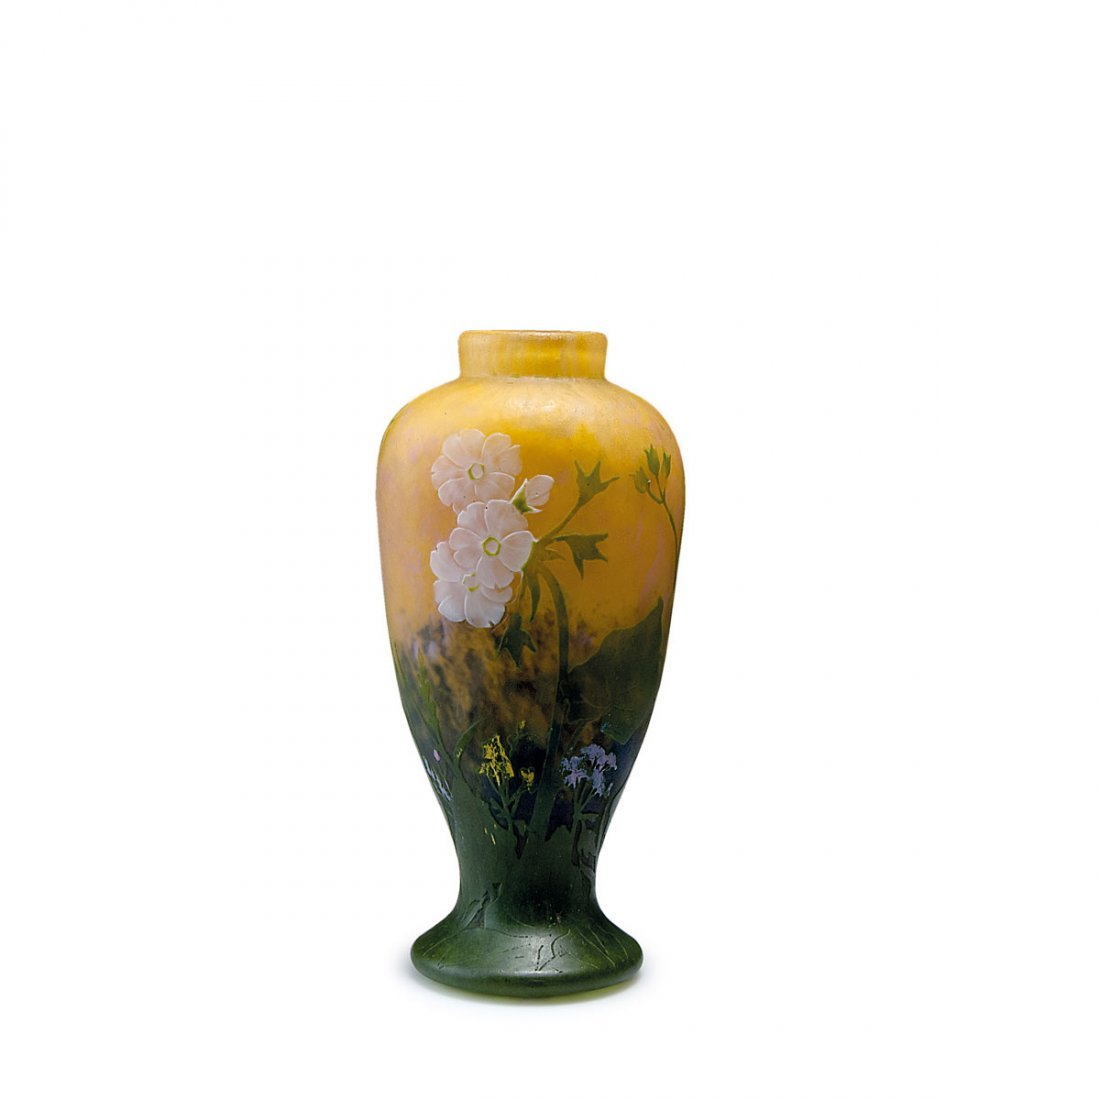 Vase 'Primevres', 1919